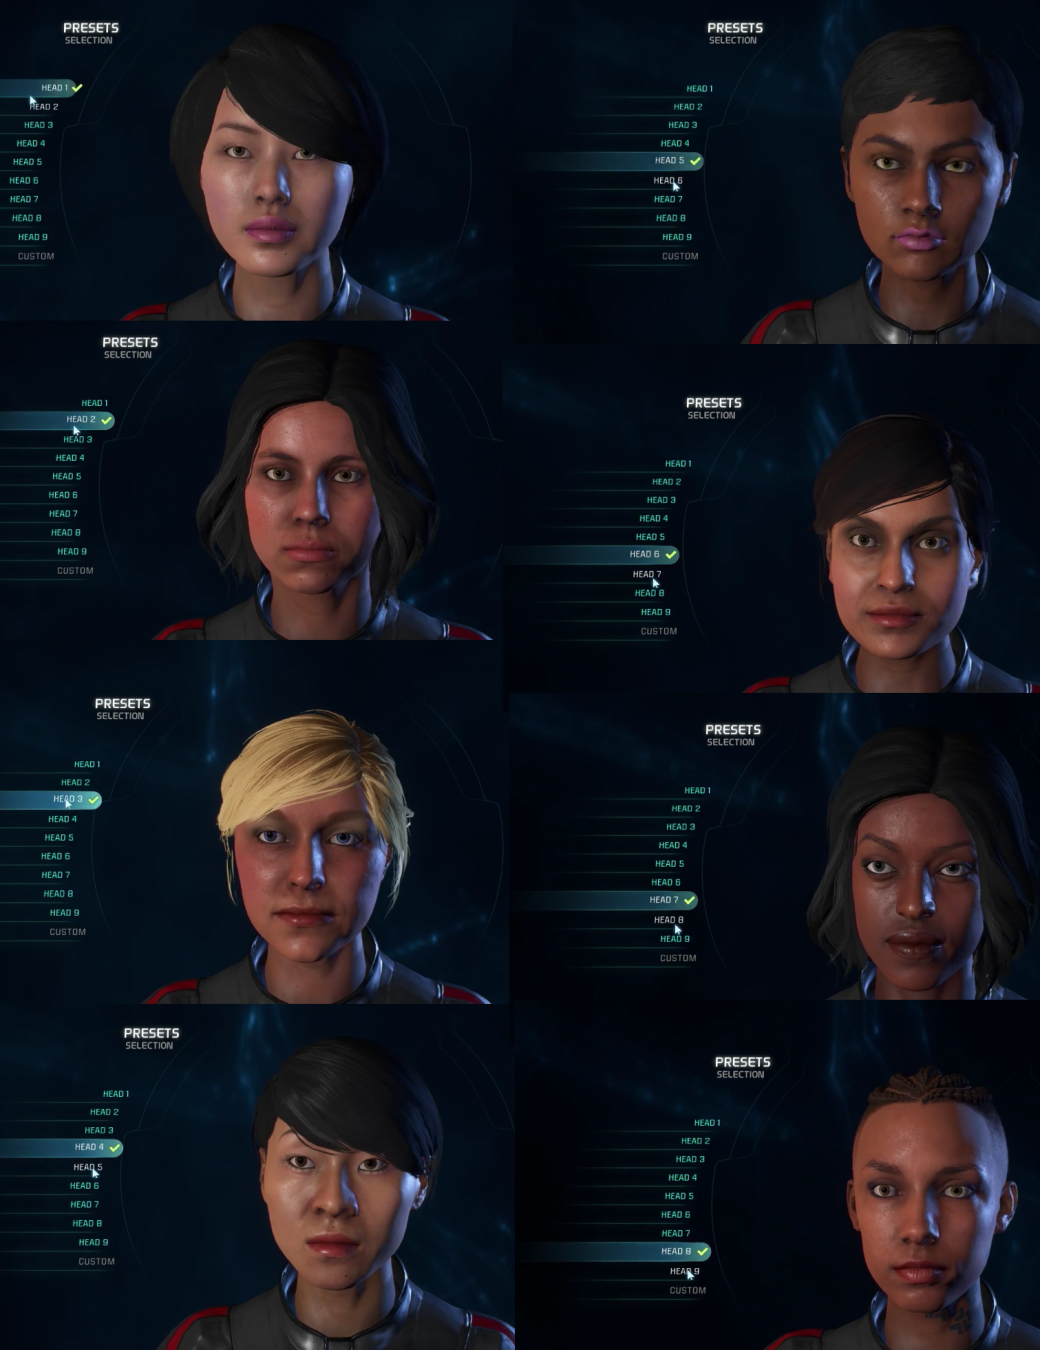 BioWare ничего не починила:  Andromeda вновь стала объектом насмешек - Изображение 1